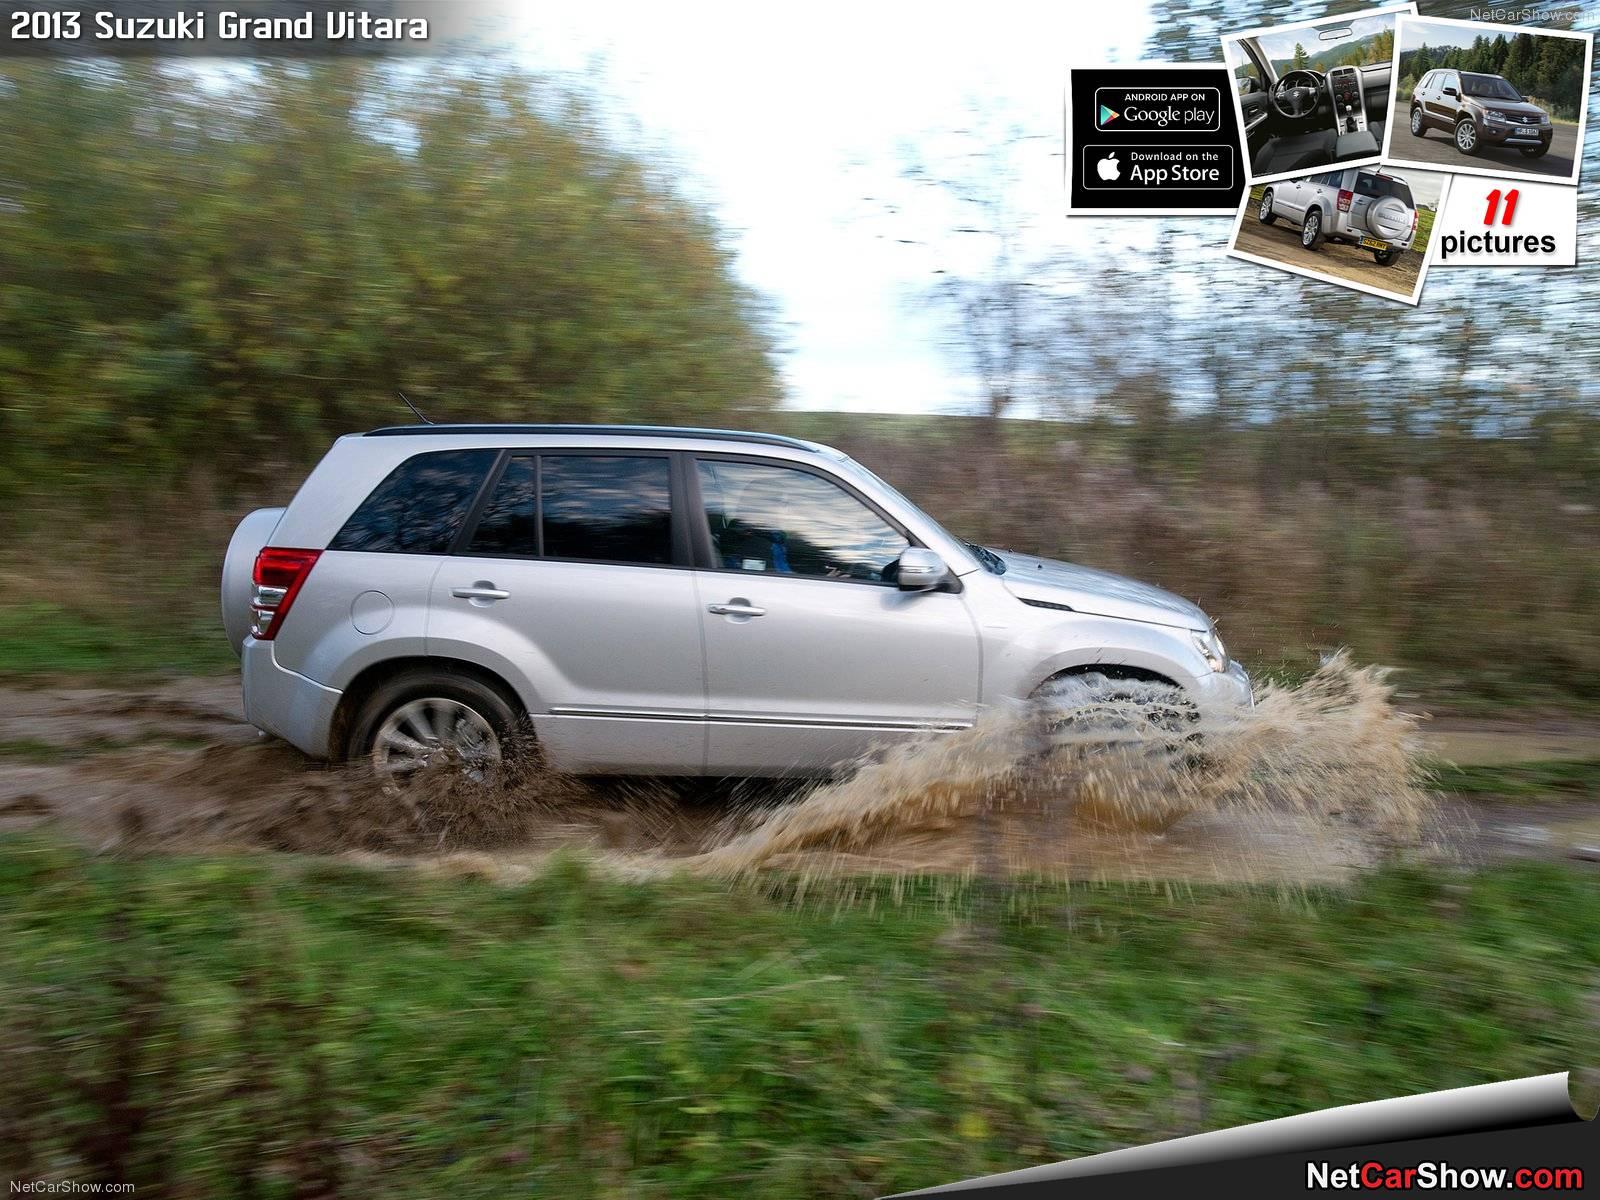 Hình ảnh xe ô tô Suzuki Grand Vitara 2013 & nội ngoại thất